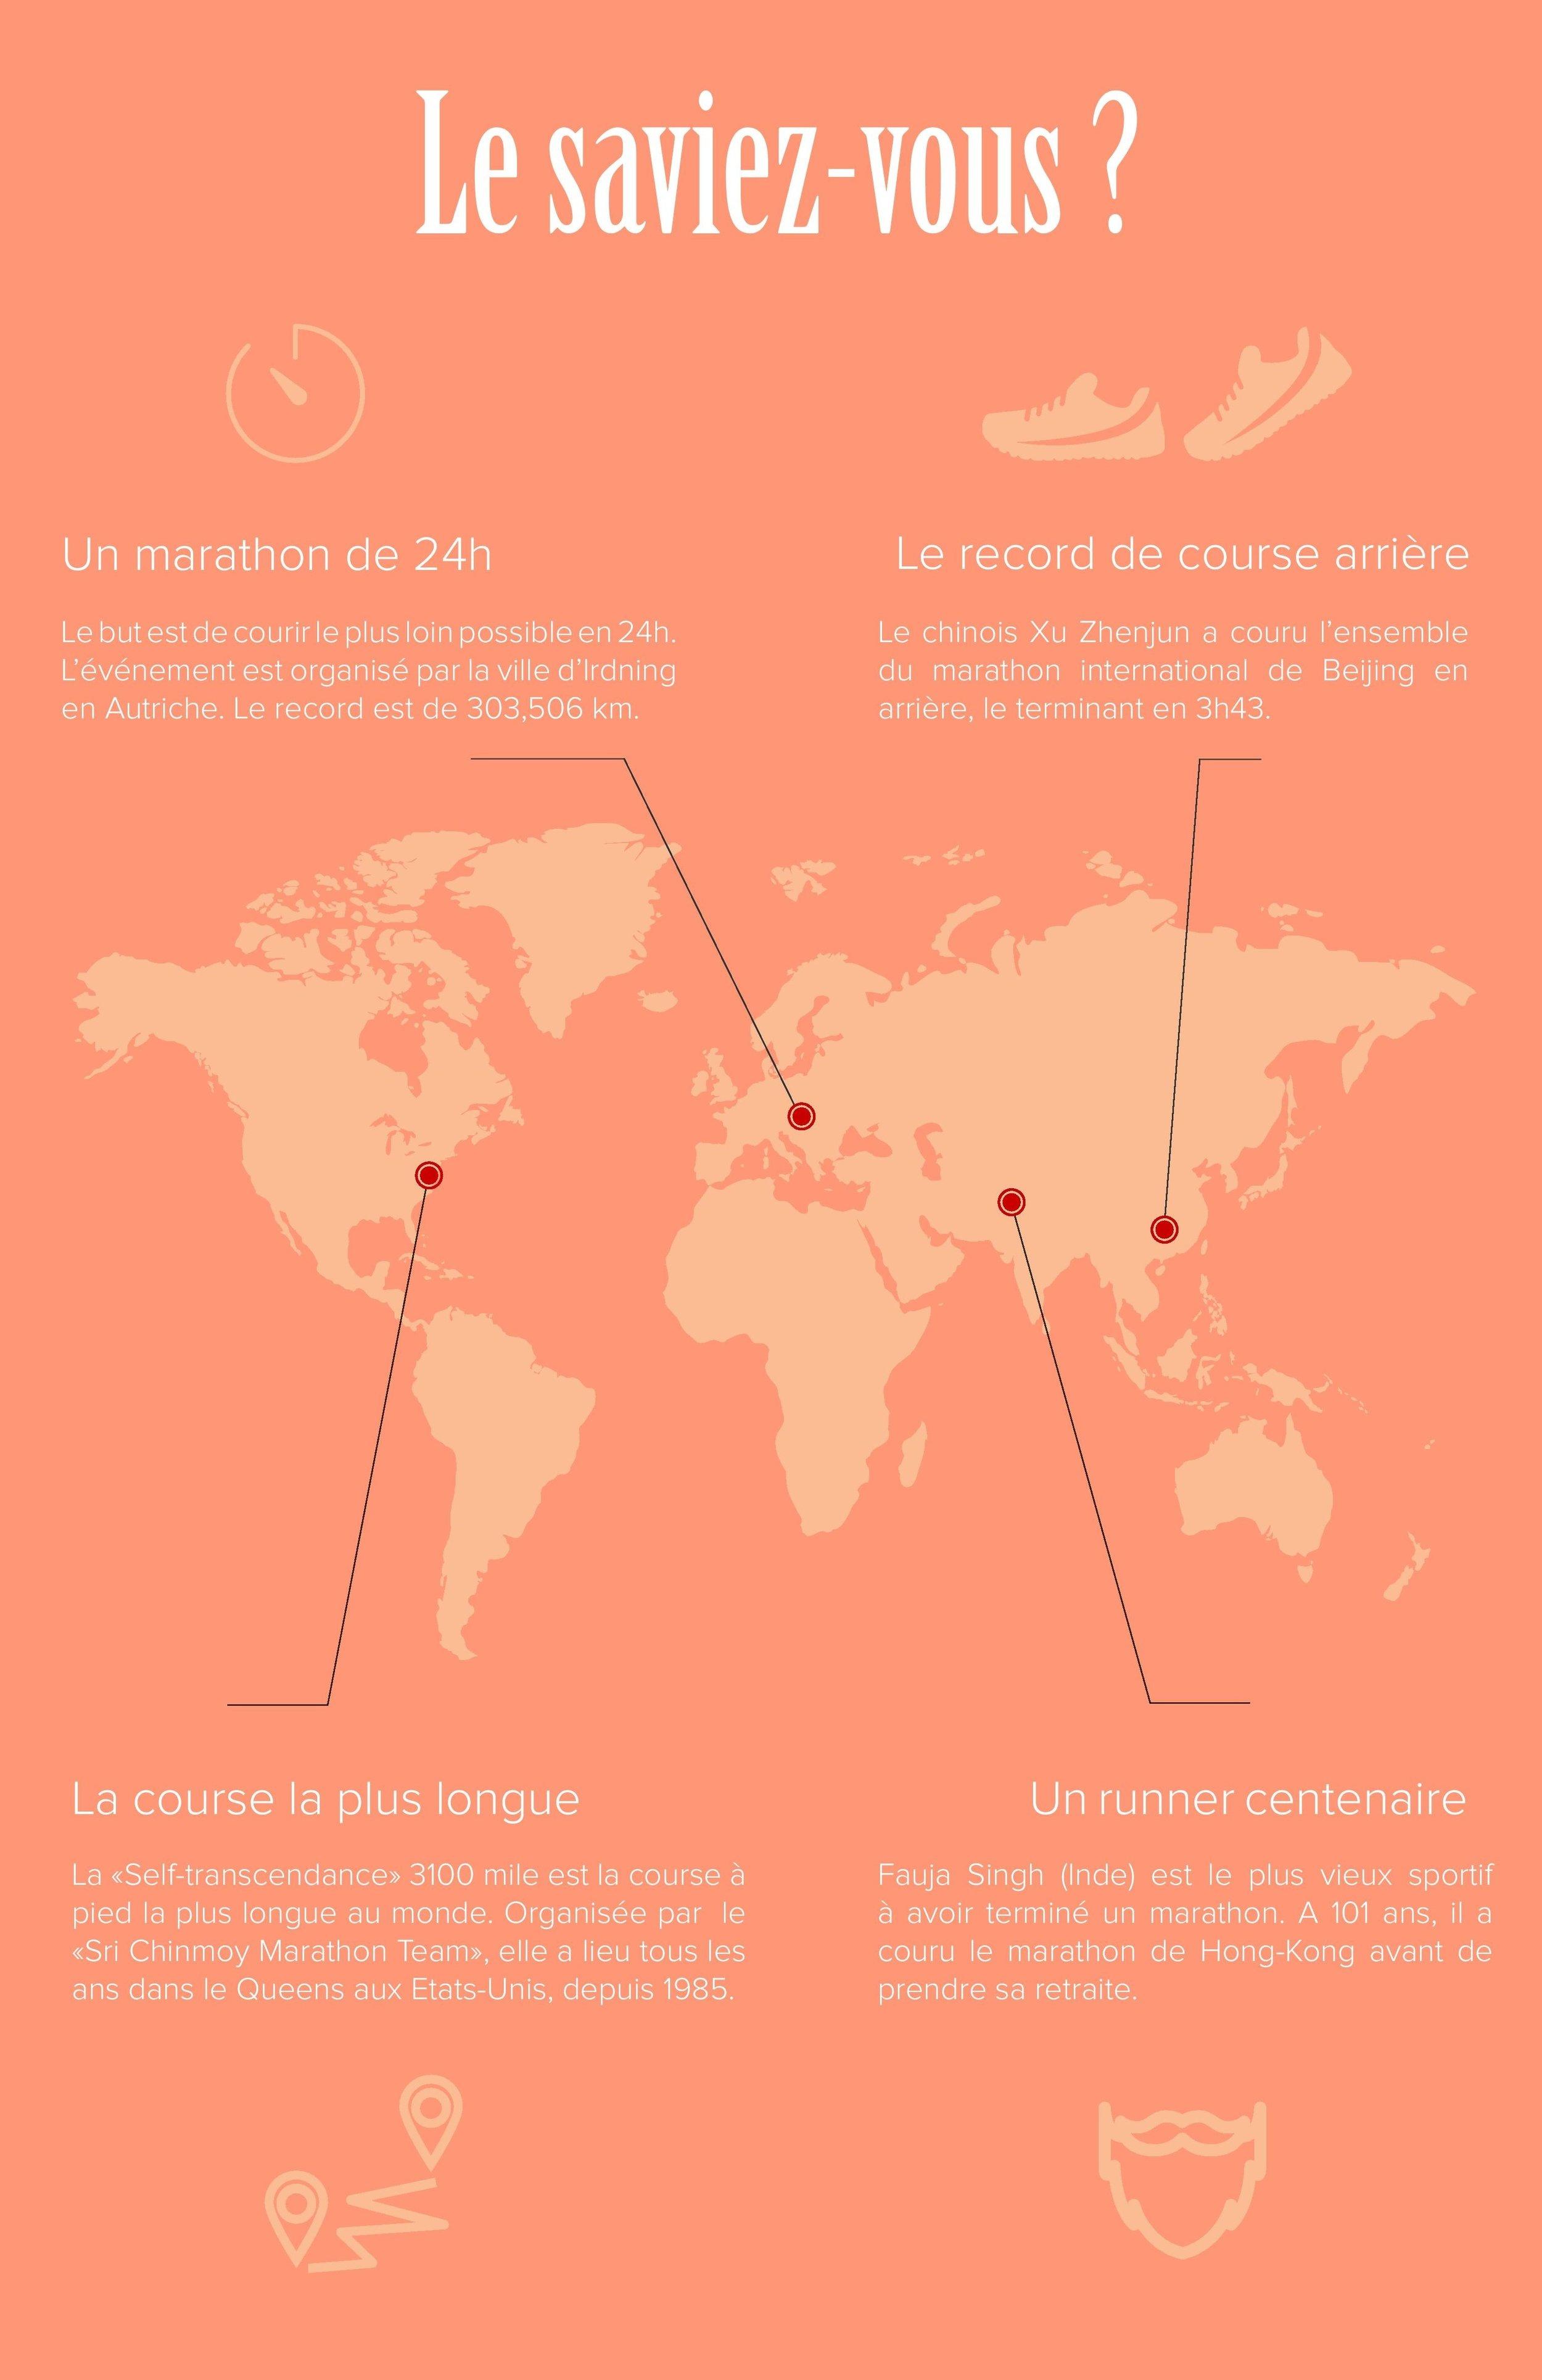 infographie-clinalliance-sport-courses-île-de-france partie 2.jpg